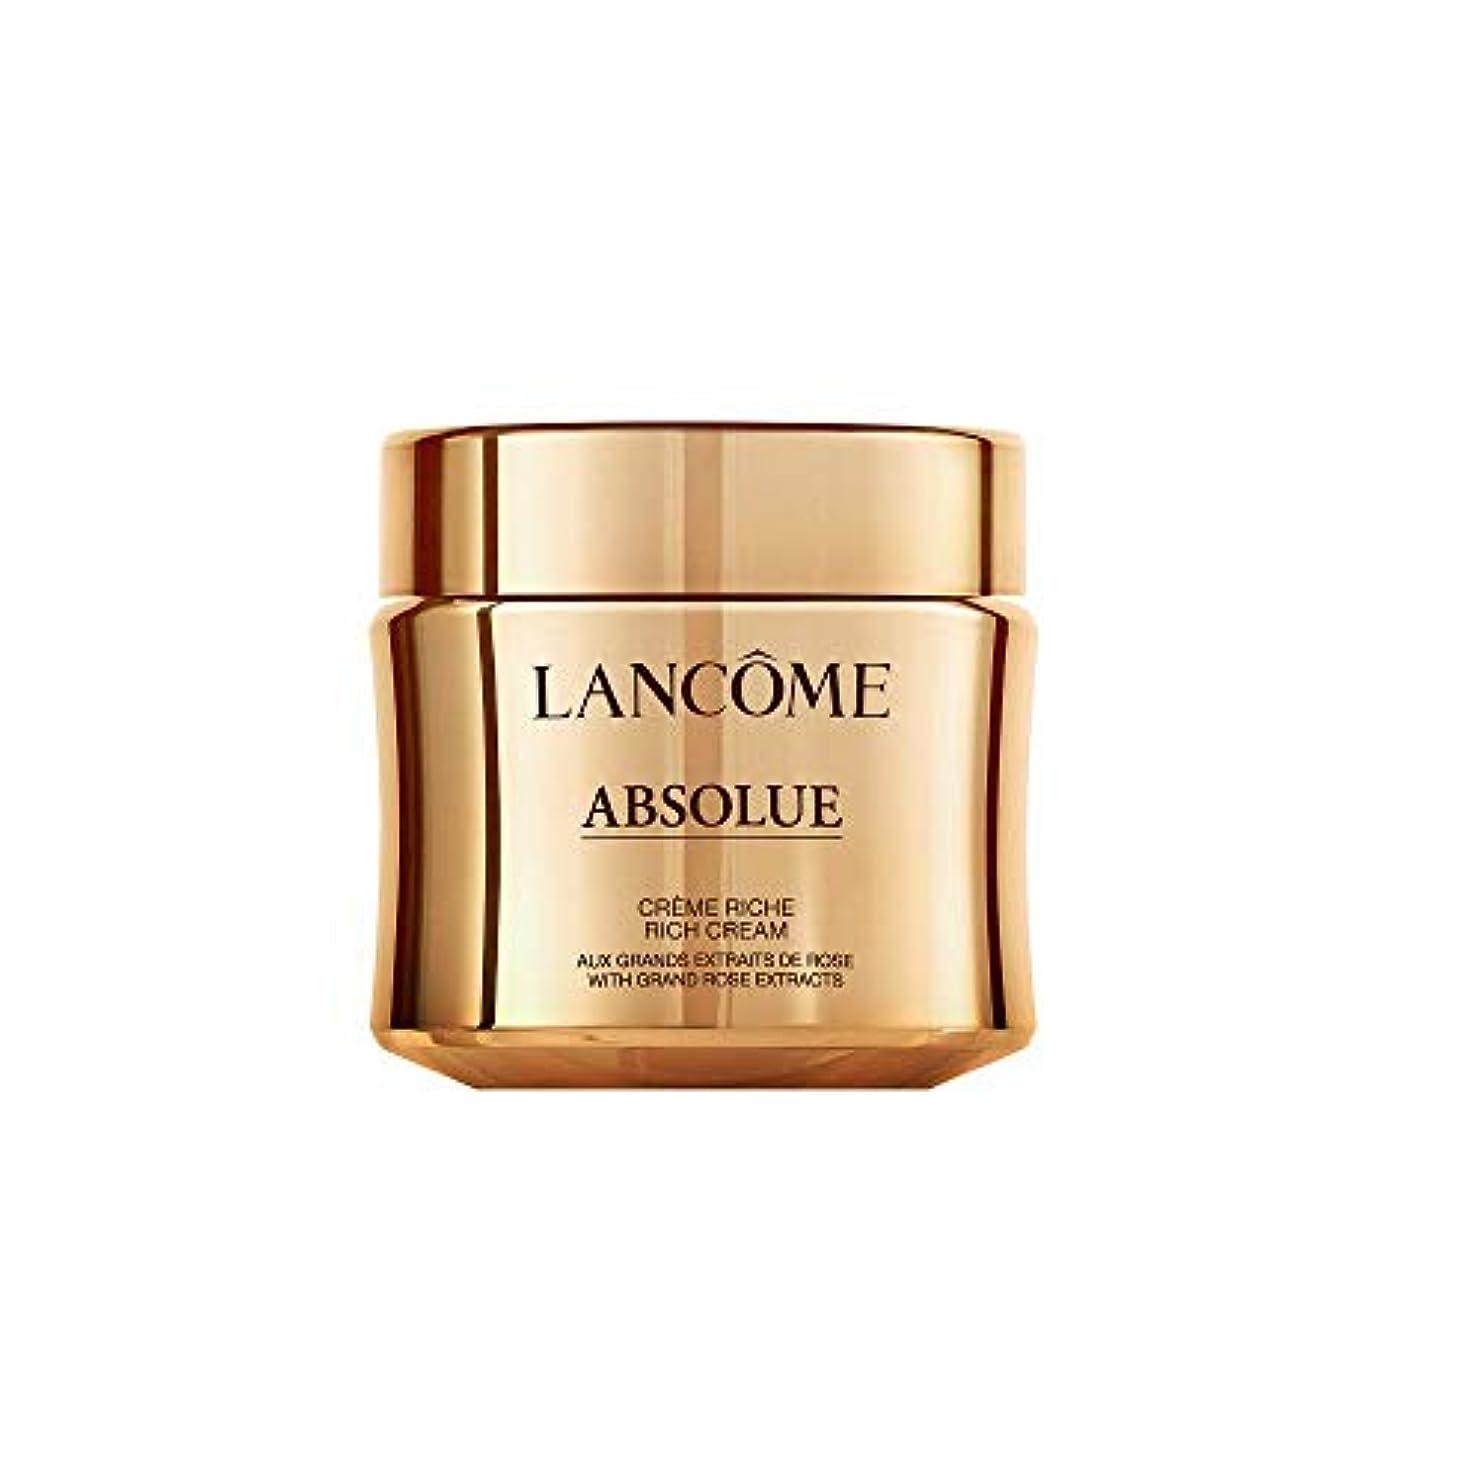 締め切り誕生日グラディスLancome Absolue Rich Cream ランコム アプソリュ リッチクリーム 60ml